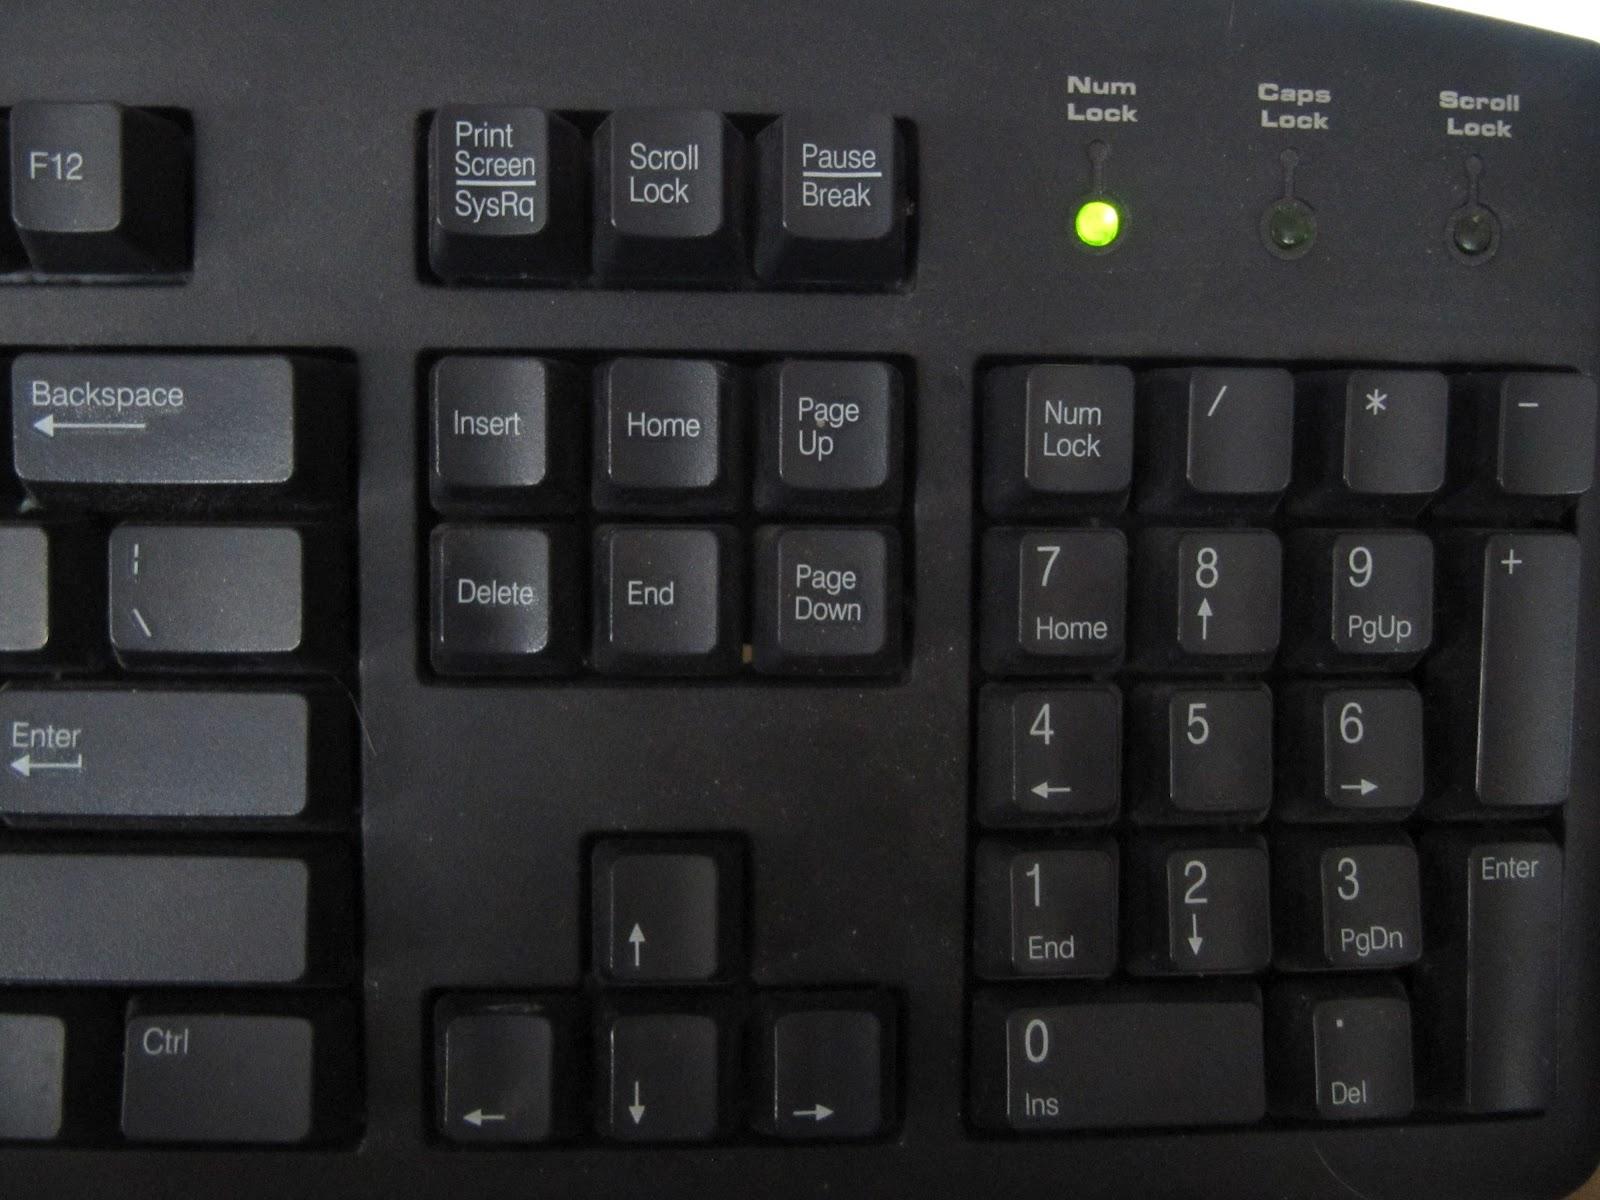 Где находиться скрин на компьютере